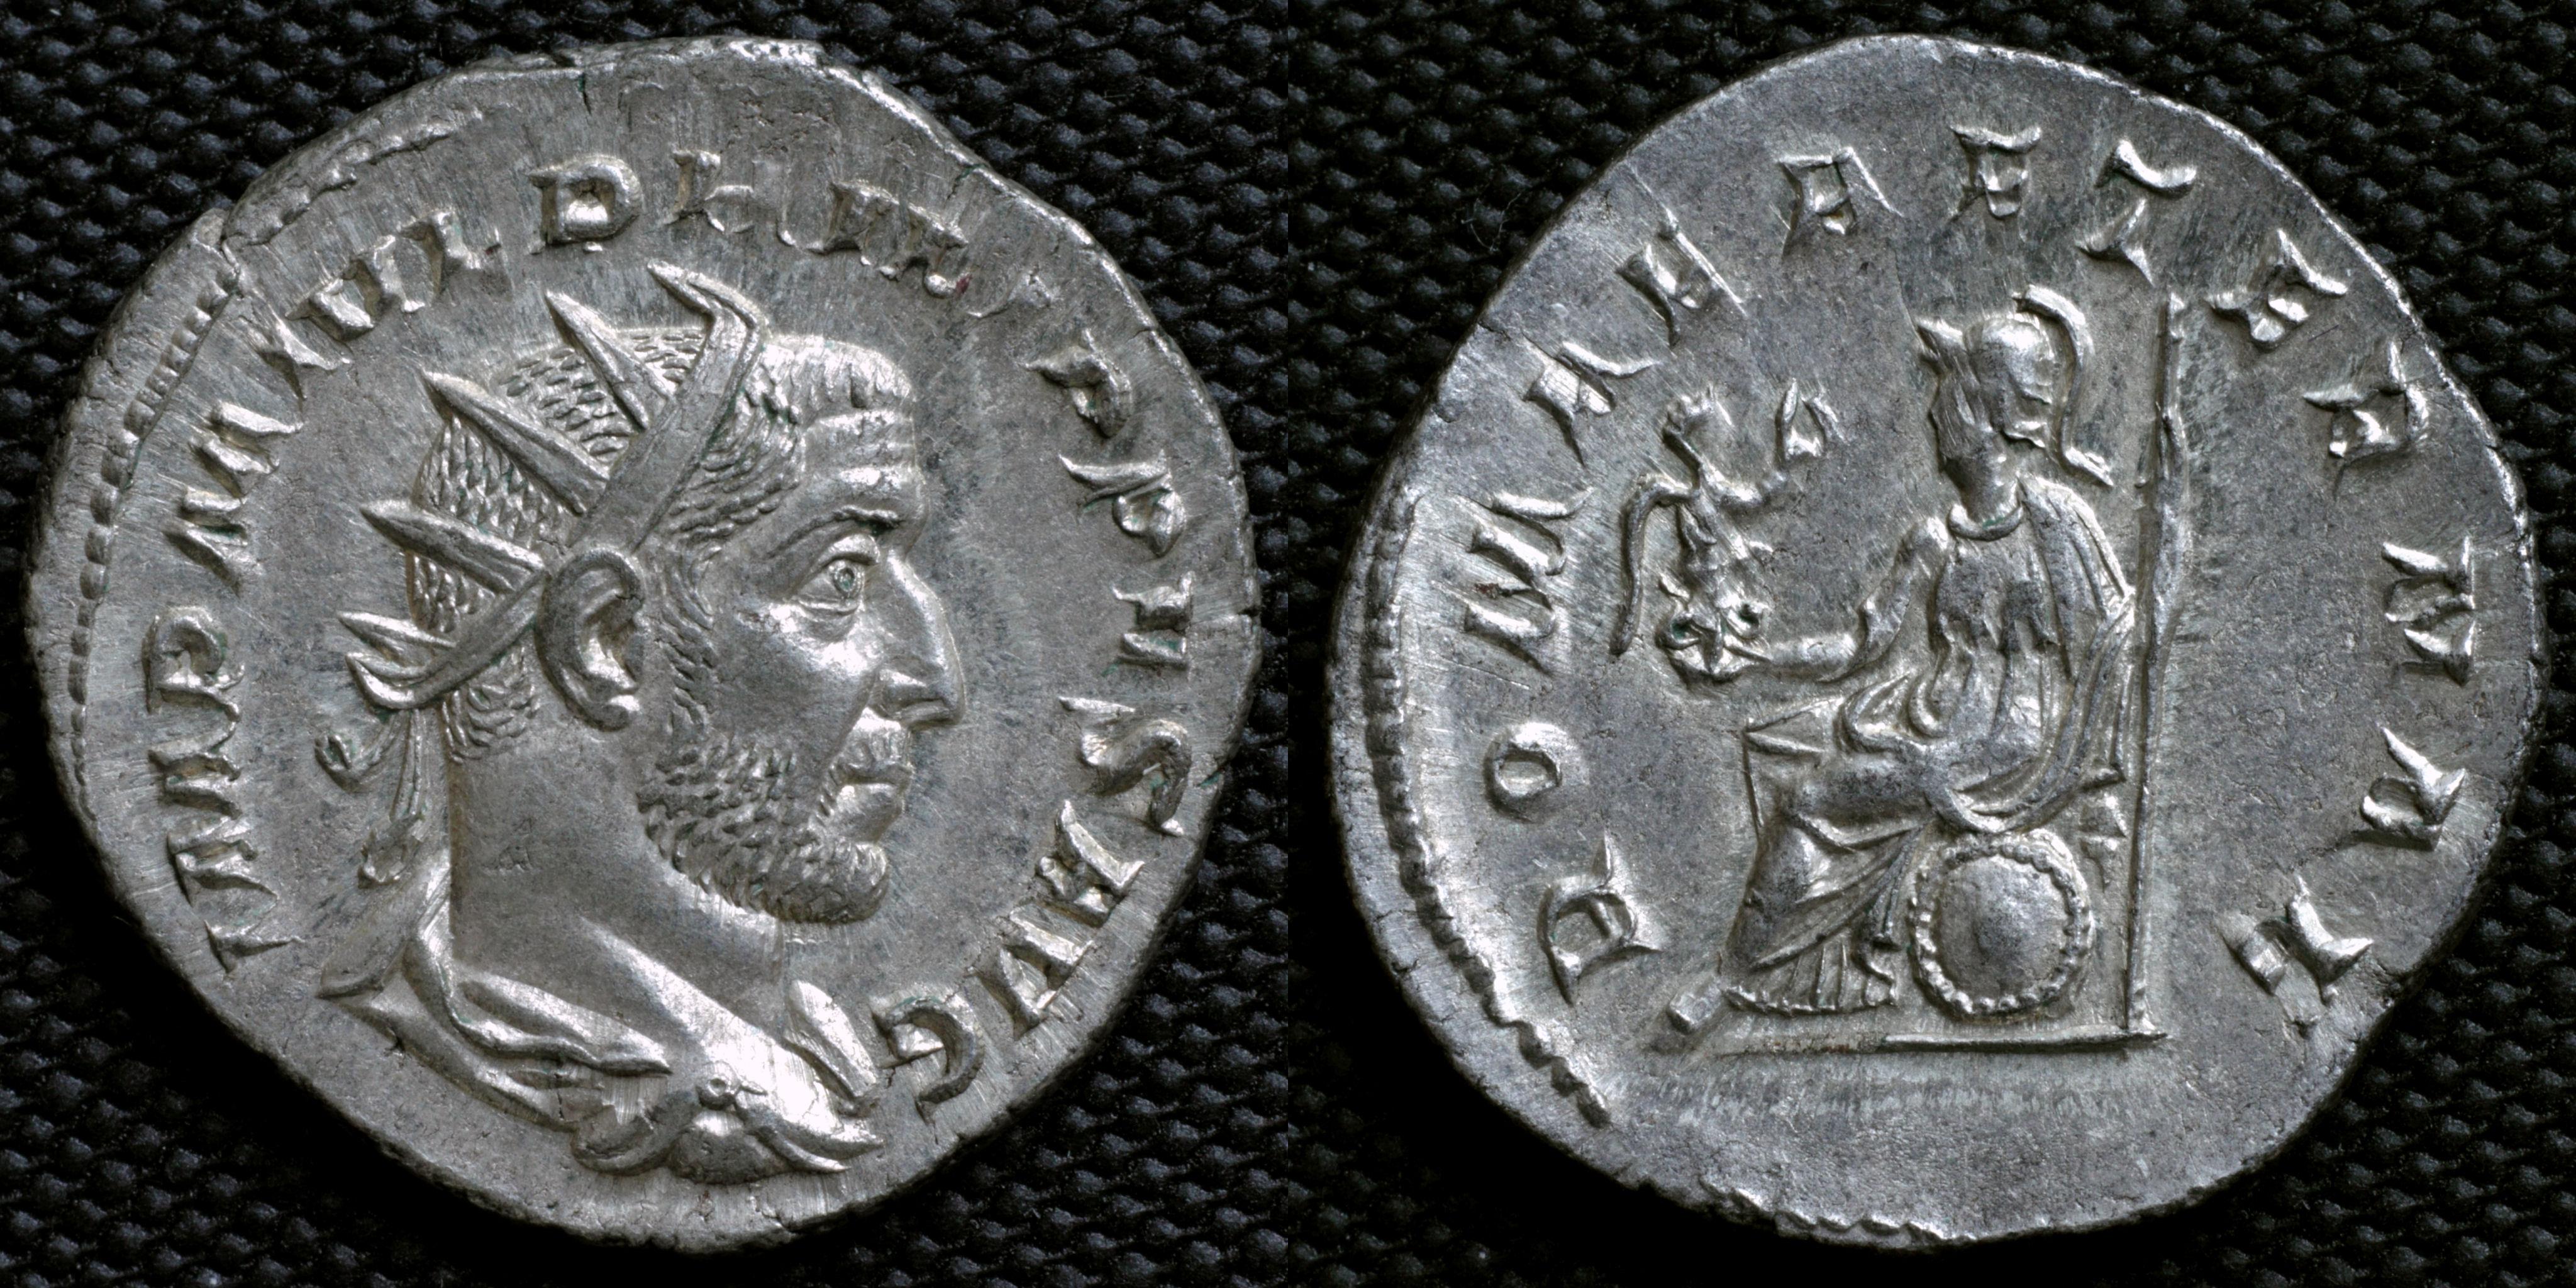 Romerske mynter, her en antoninianus av Fillip Araberen. Portrettet hans på advers med omskriften IMP (erator) M IVL (Julius). Reversen har Athene/Minerva med Nike/Victoria og omskriften ROMA AETERNAE (Evige Roma).